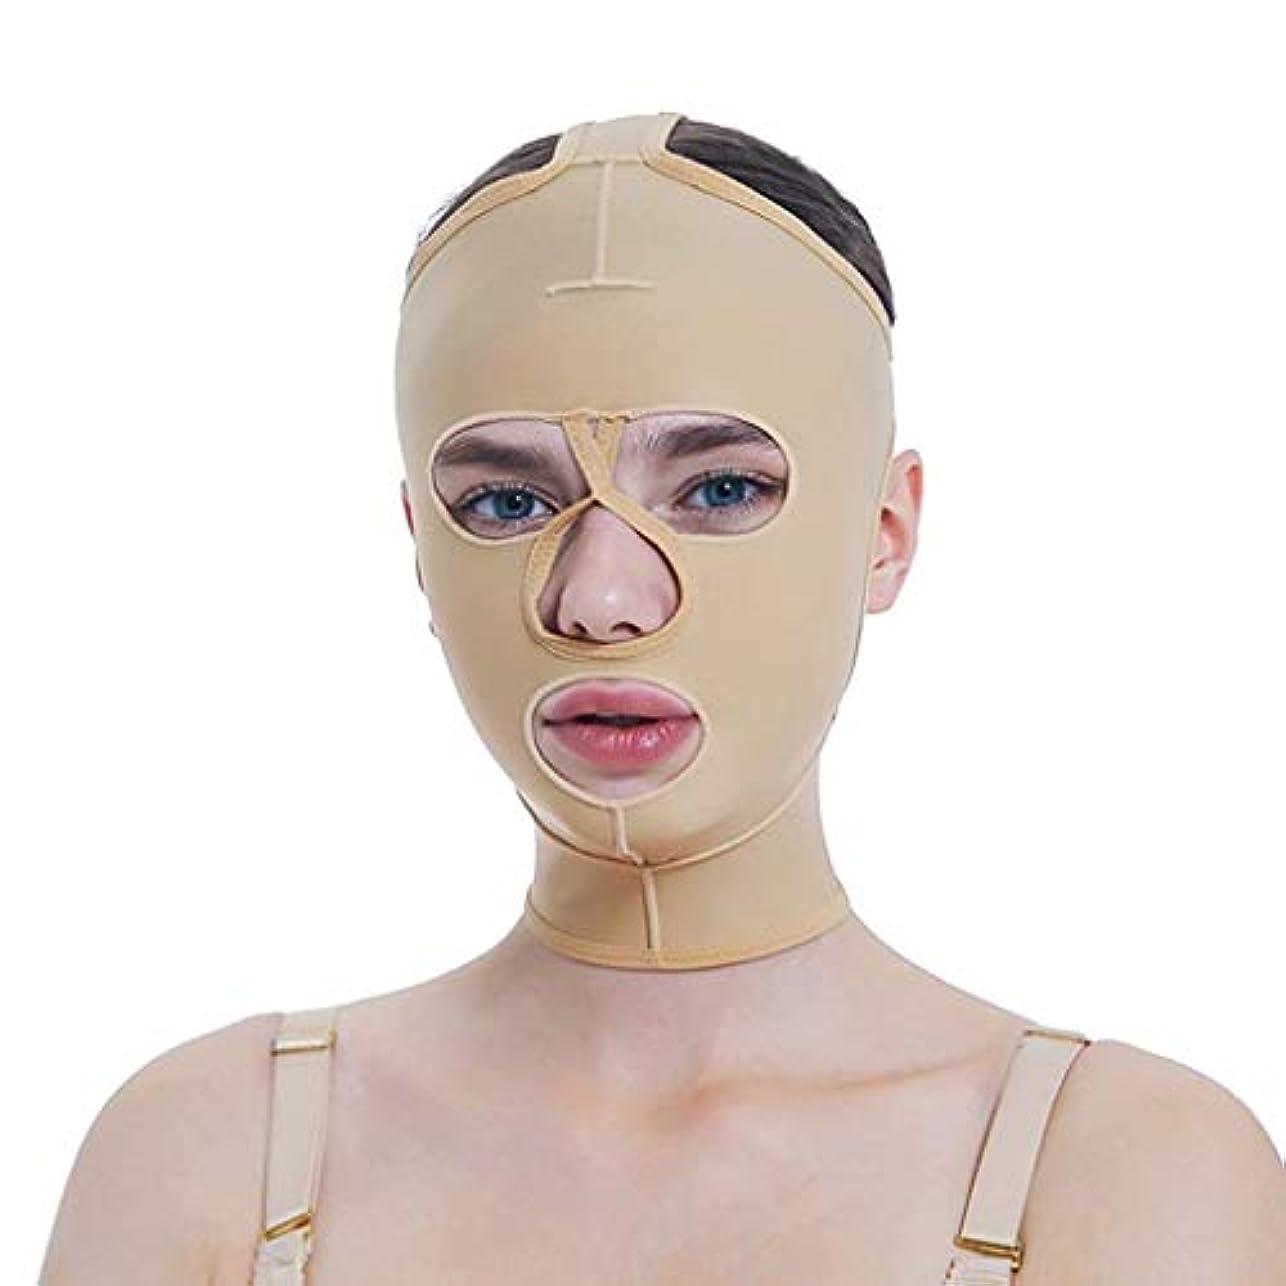 パンチメガロポリス平方脂肪吸引術用成形マスク、薄い顔のかつらV顔のビーム顔の弾性スリーブマルチサイズオプション(サイズ:XXL)